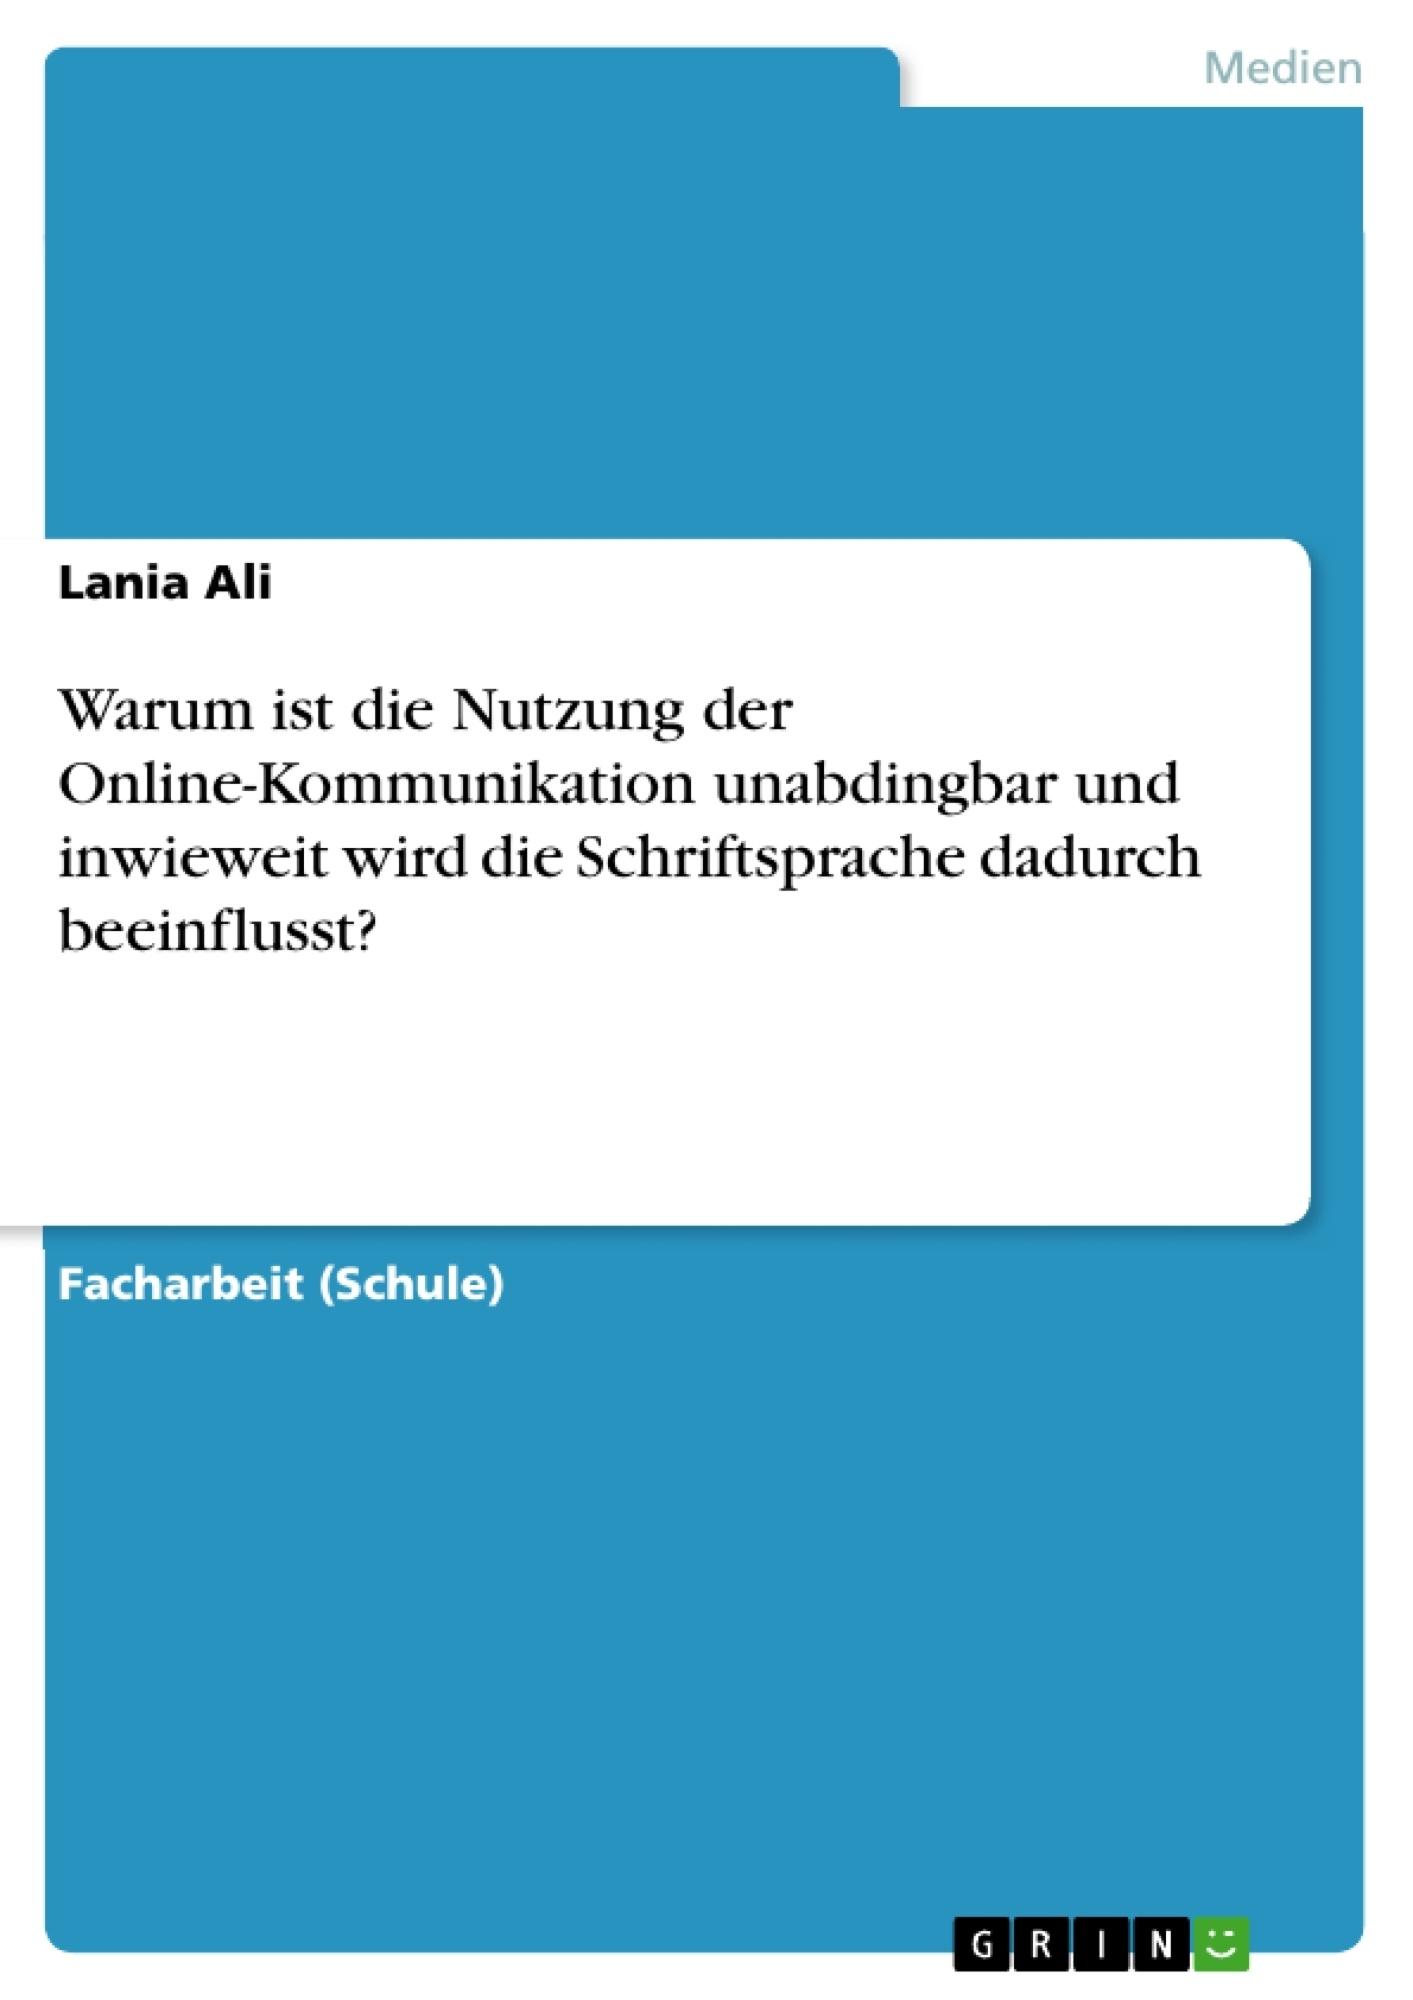 Titel: Warum ist die Nutzung der Online-Kommunikation unabdingbar und inwieweit wird die Schriftsprache dadurch beeinflusst?